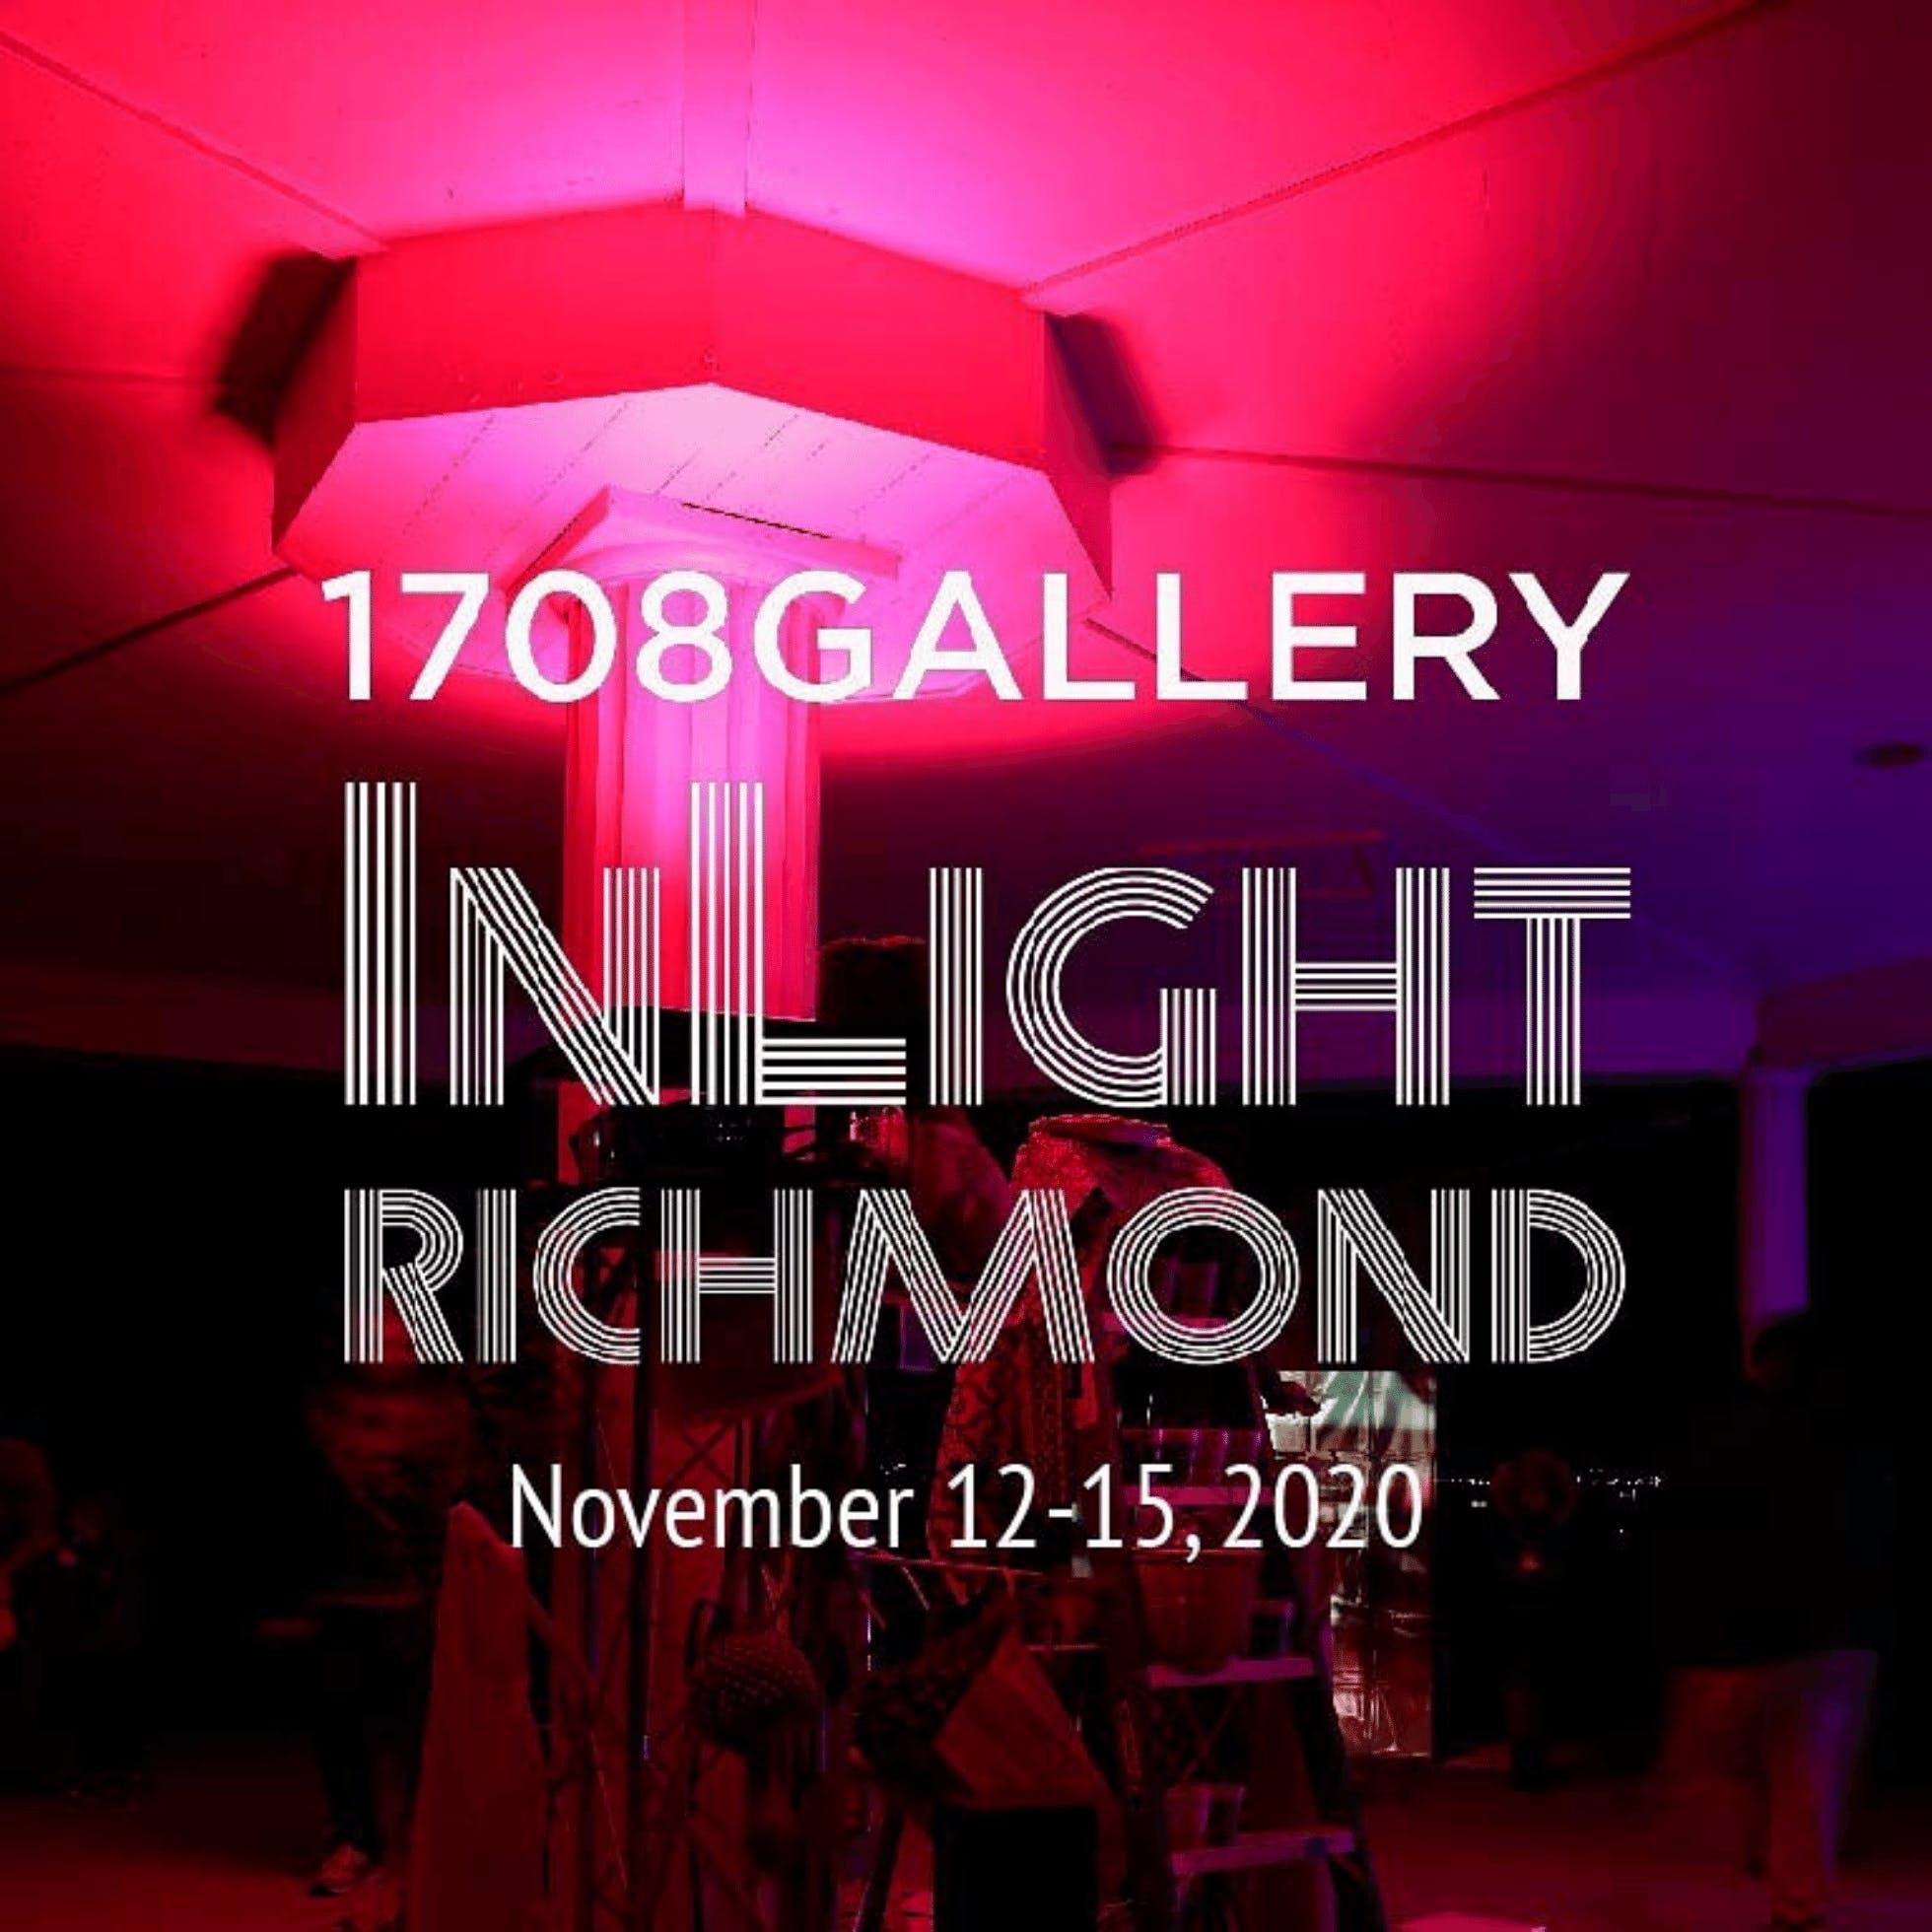 InLight Richmond 2020